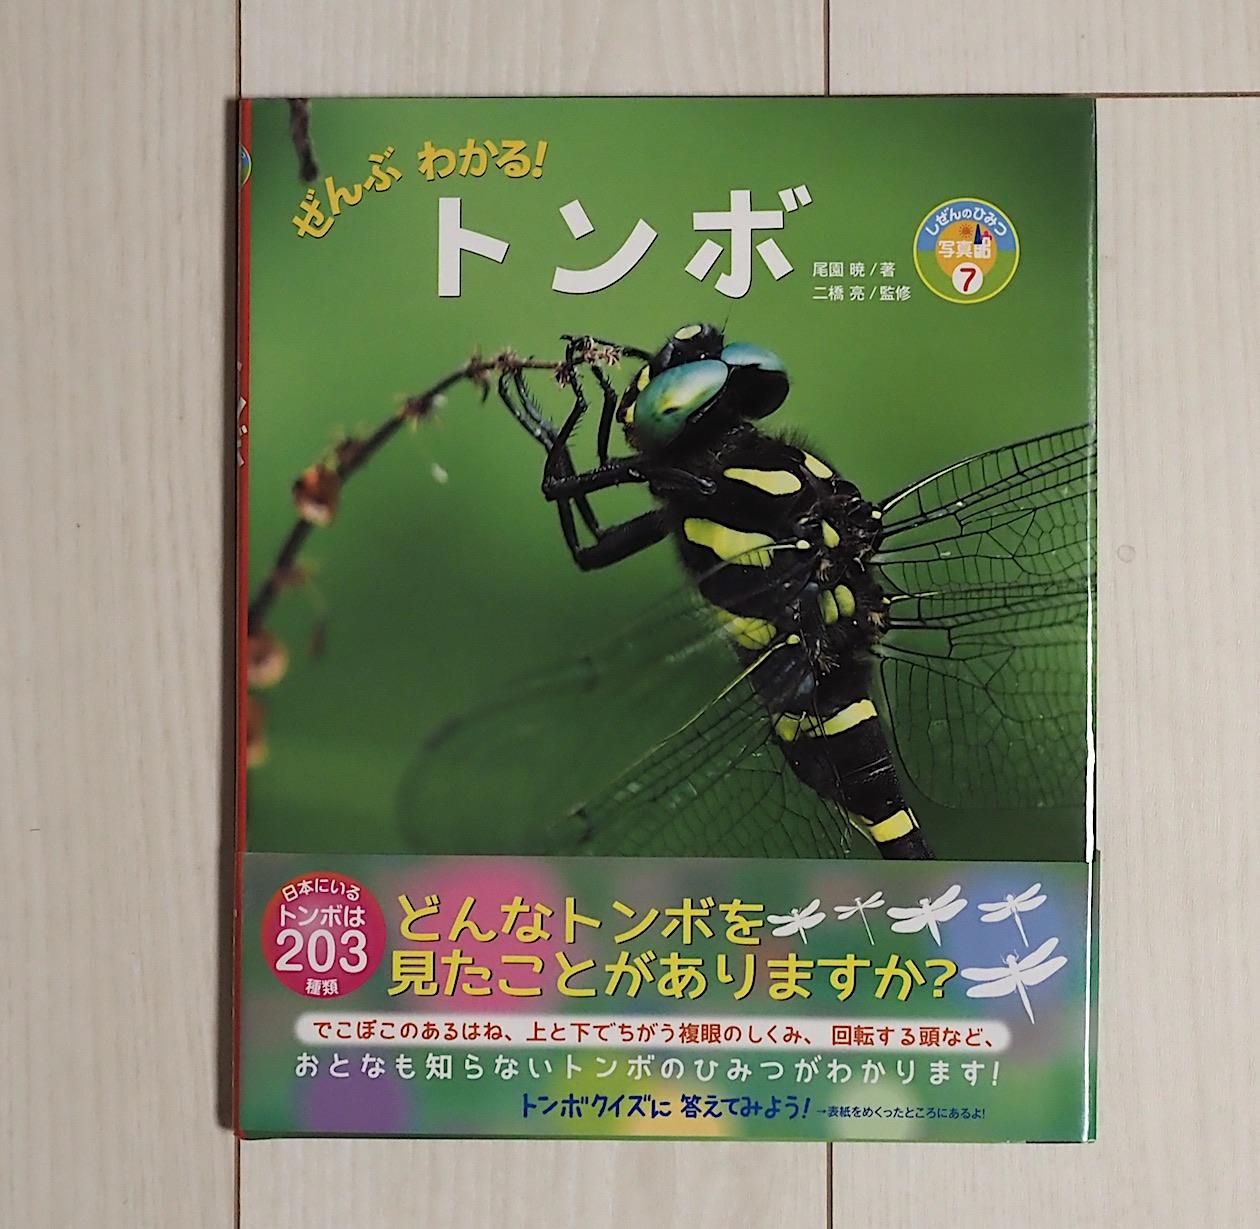 最近買った虫の本9(2018年8月15日)_d0303129_1625360.jpg